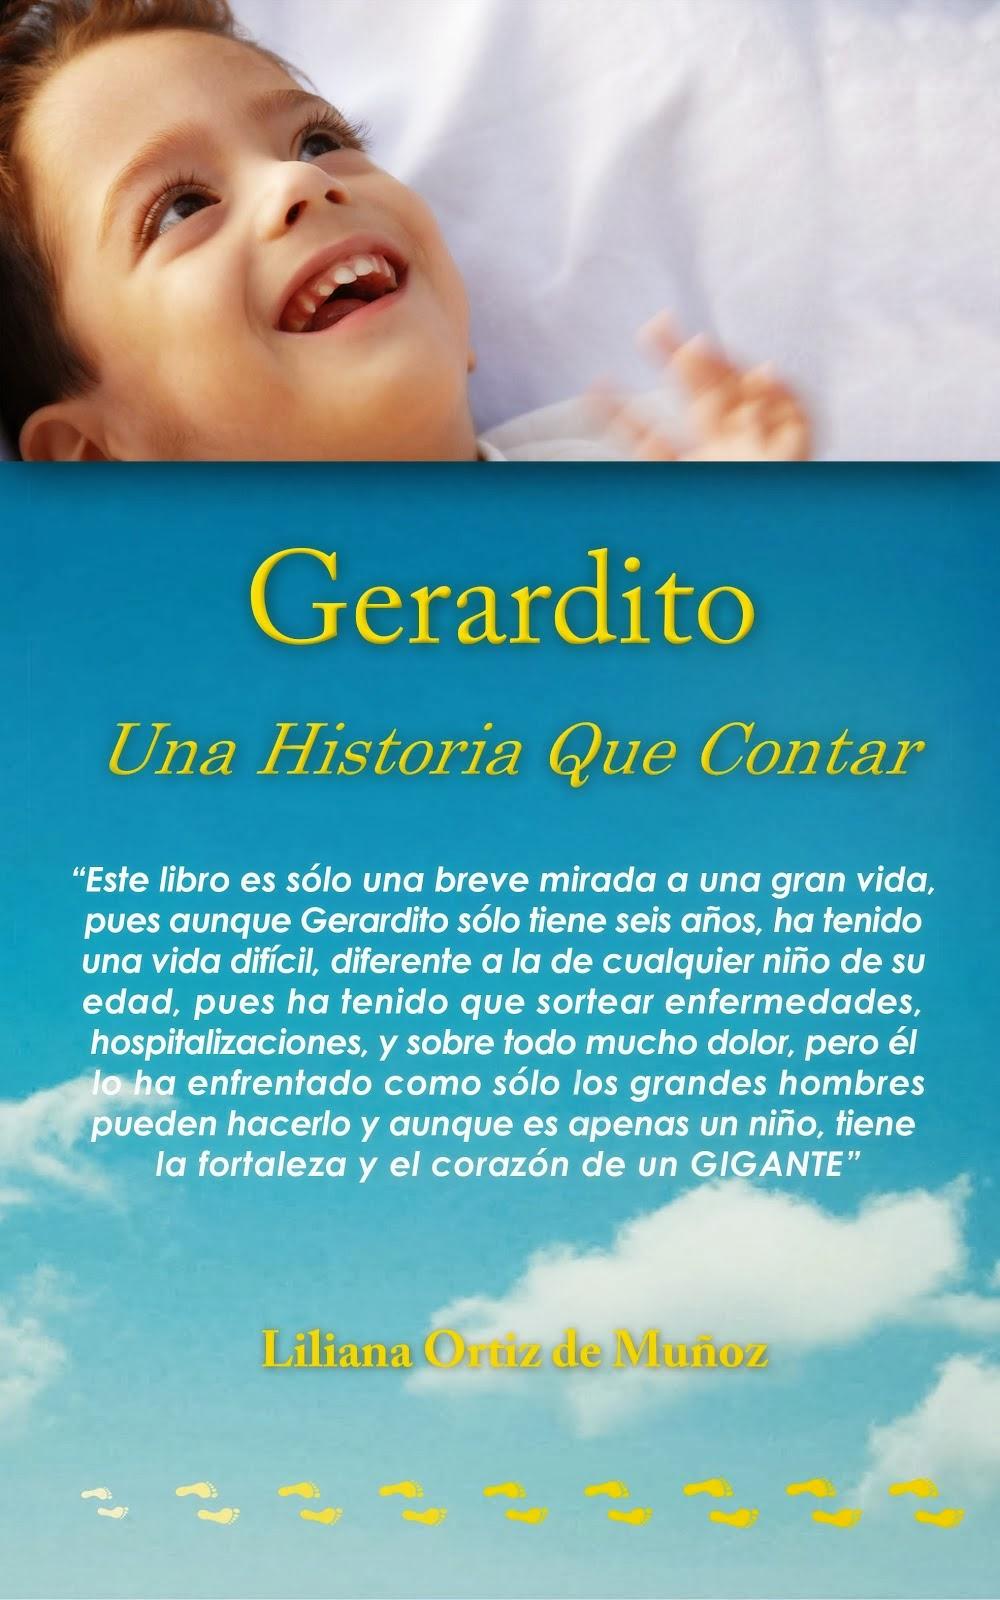 Gerardito, una historia que contar